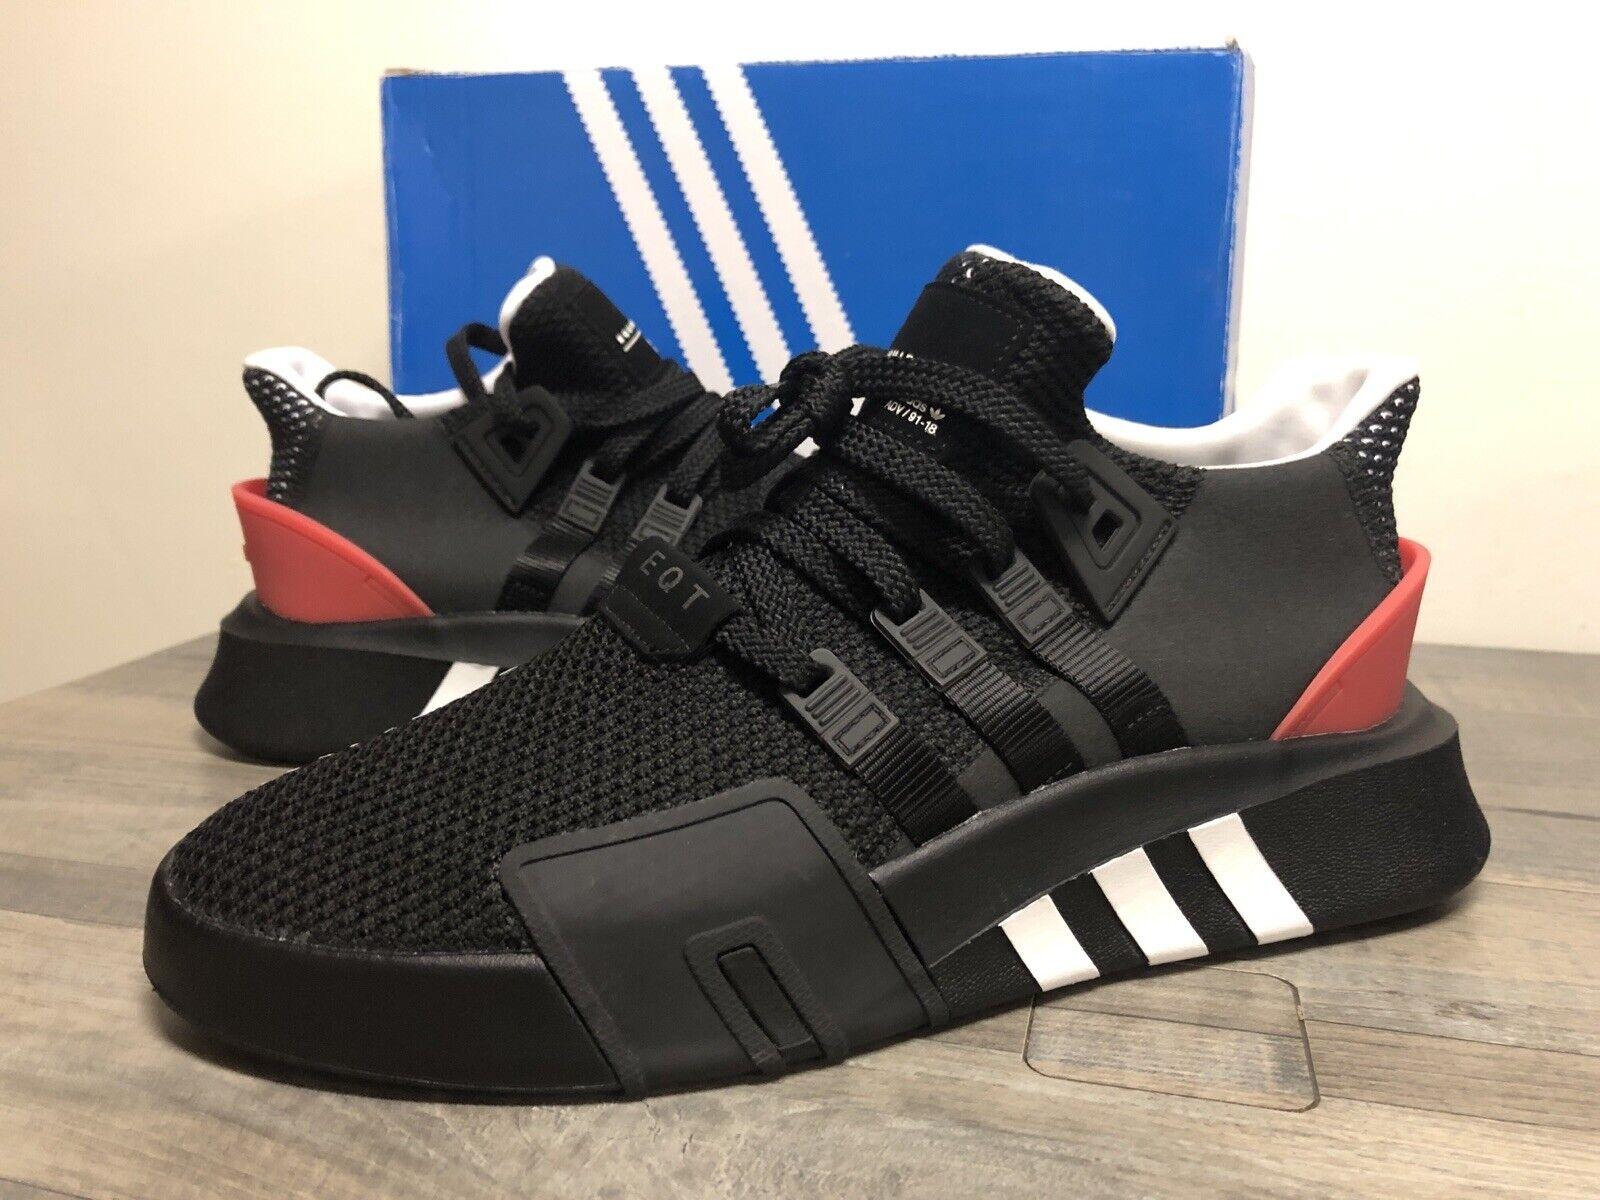 adidas originals eqt bask adv sneakers in black aq1013